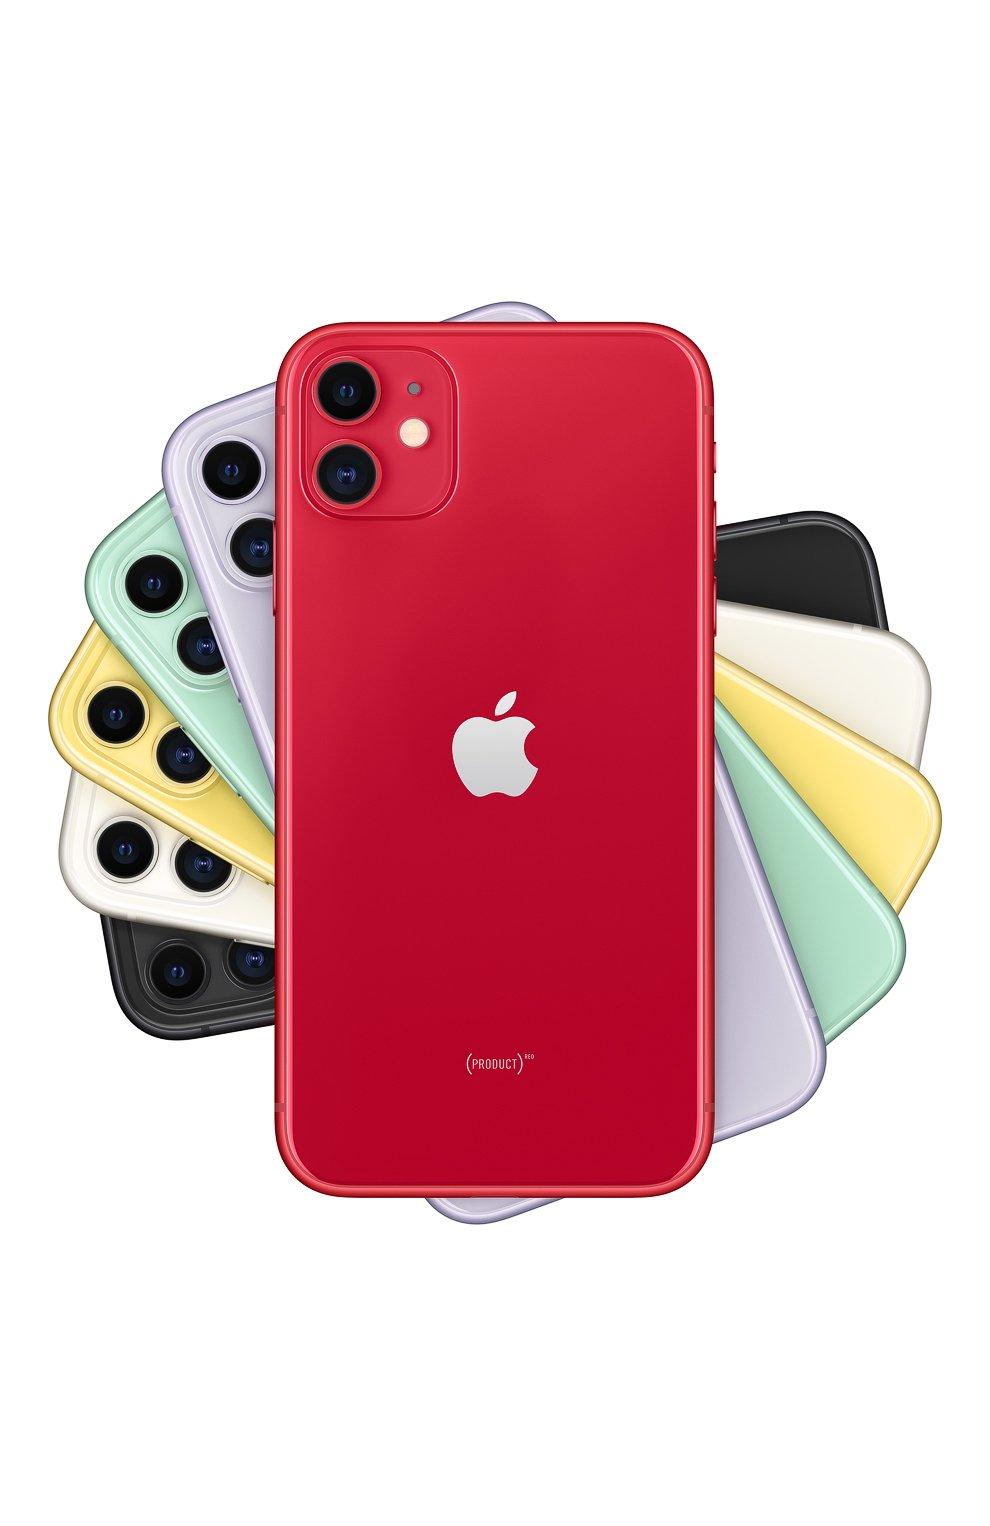 Мужской iphone 11 128gb (product)red APPLE  (product)red цвета, арт. MWM32RU/A   Фото 1